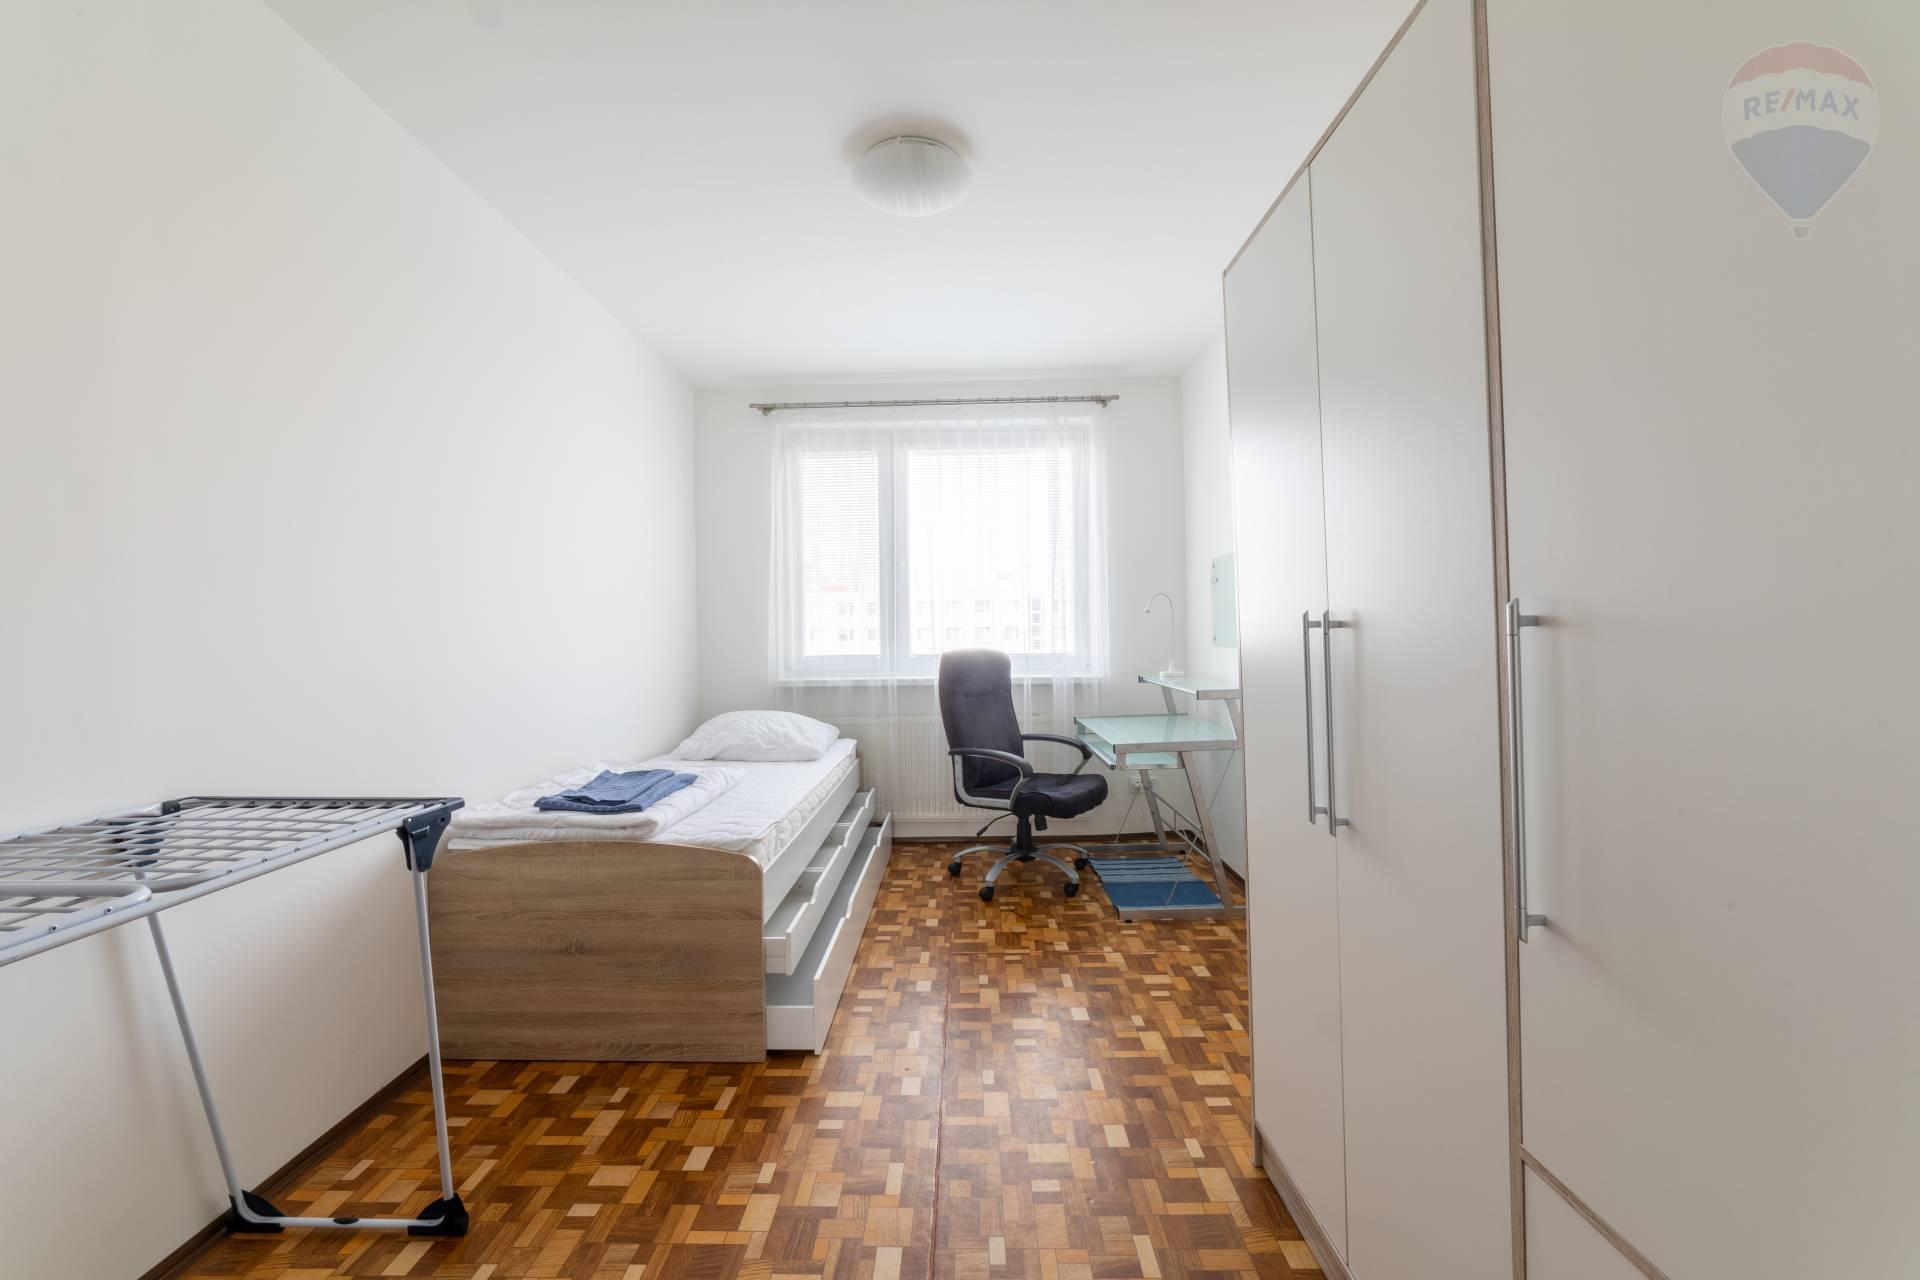 Prenájom bytu (3 izbový) 70 m2, Bratislava - Petržalka -